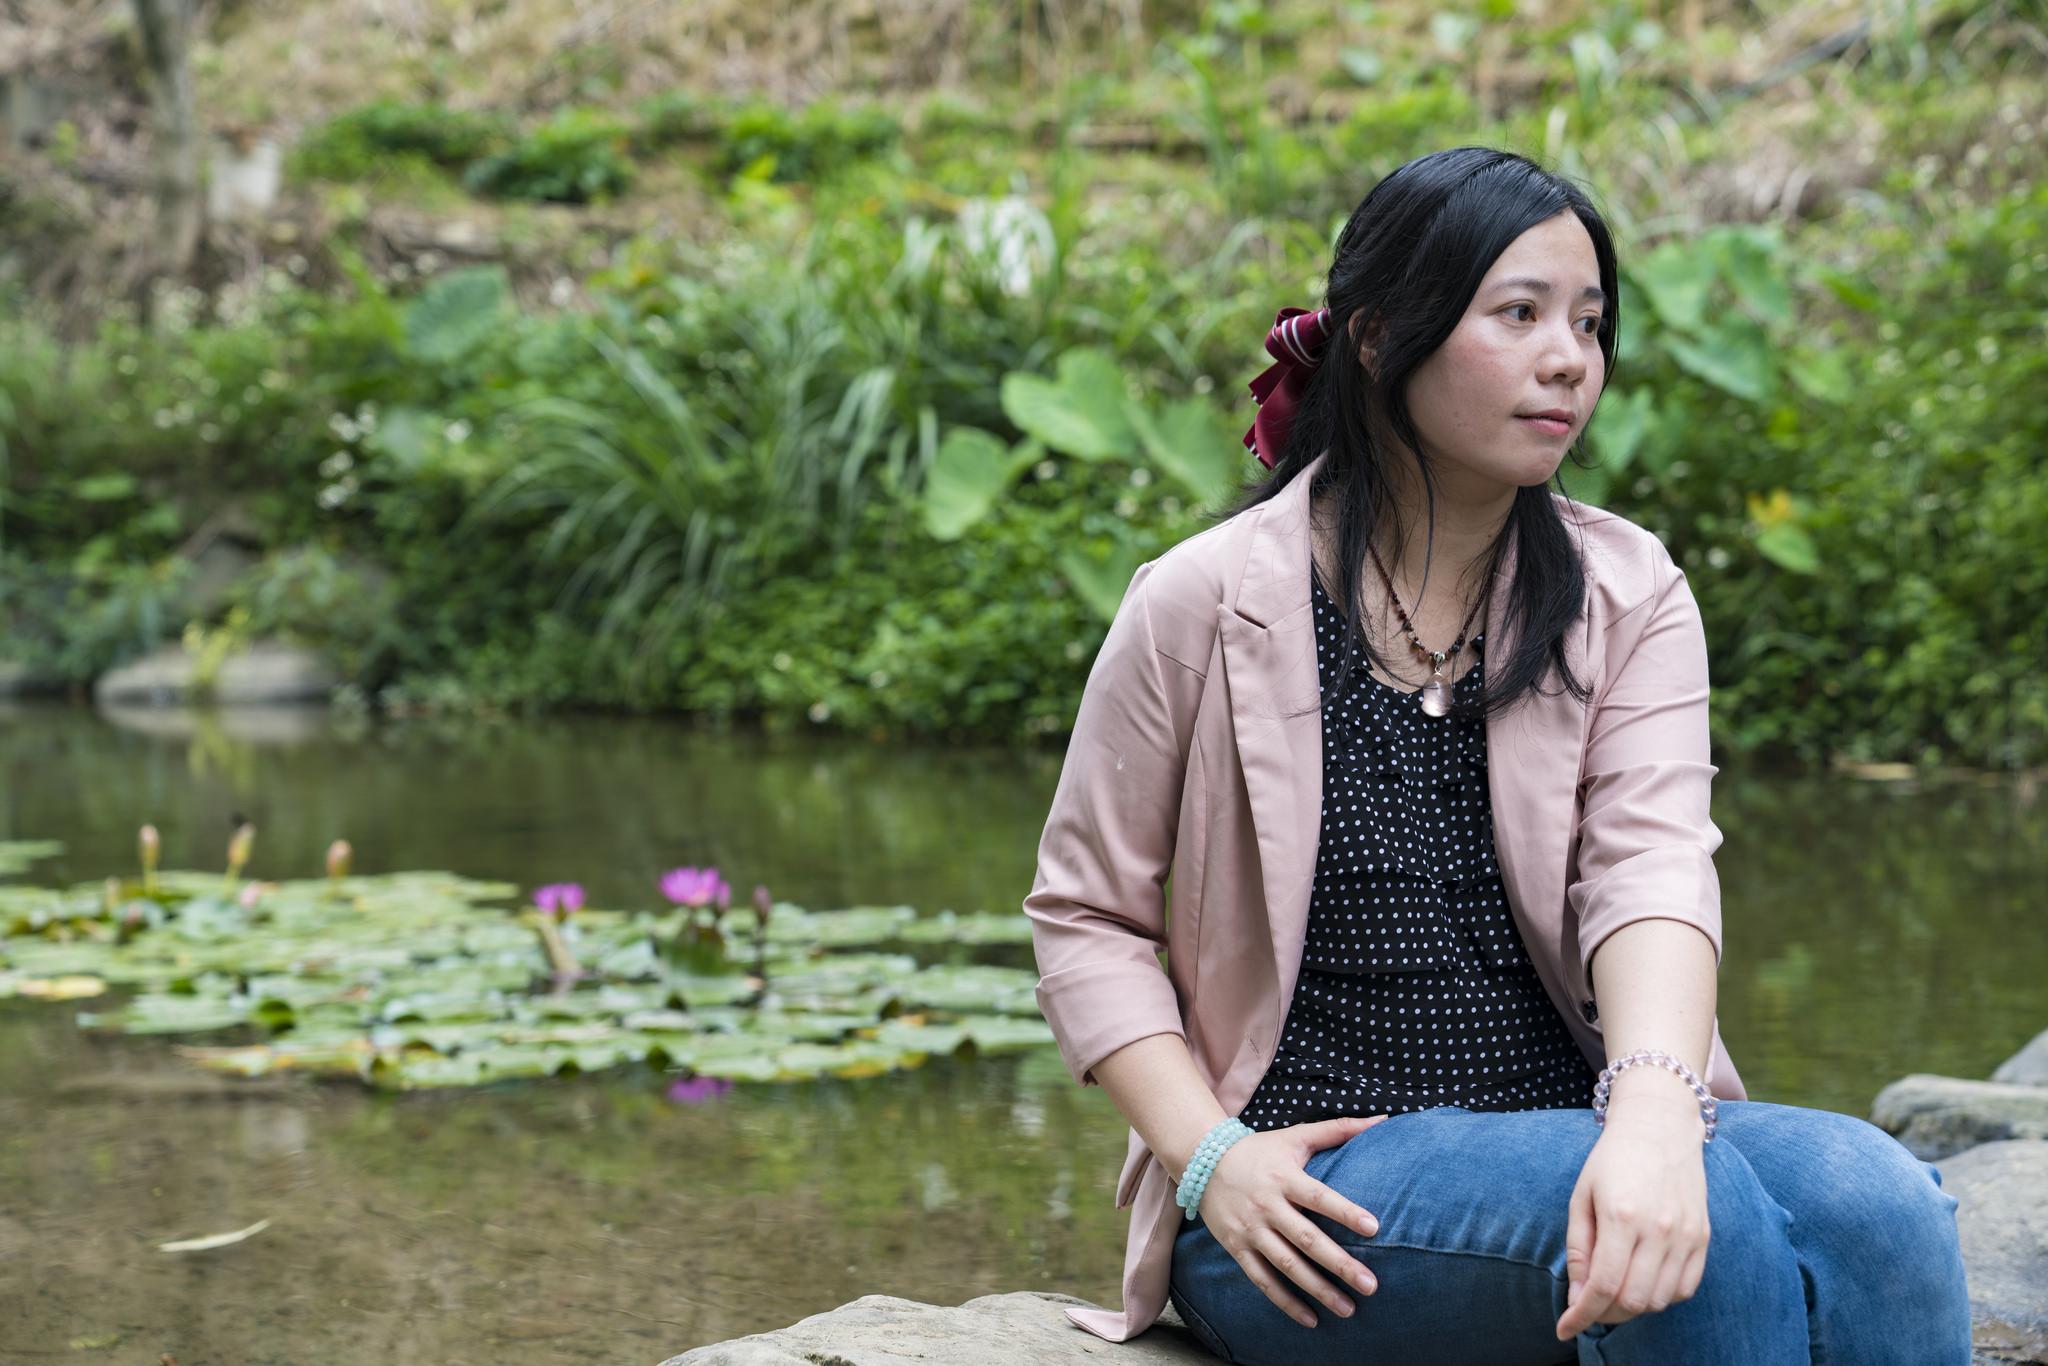 【台北文學獎20週年】專訪 年金得主-廖宣惠。將鳥羽幻化成冊的「飛羽藝術師」